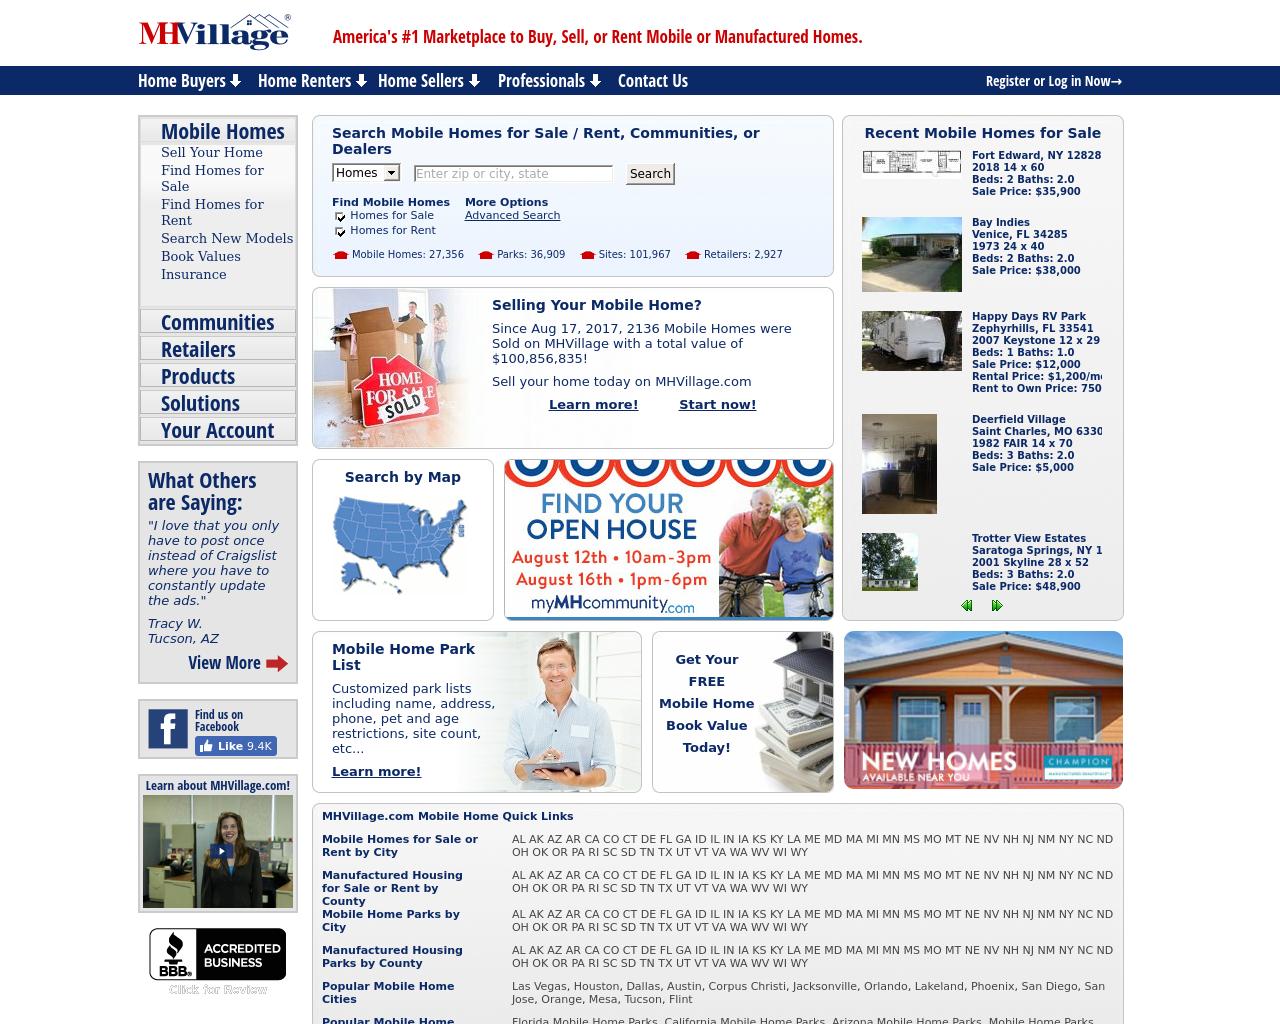 MHVillage-Advertising-Reviews-Pricing